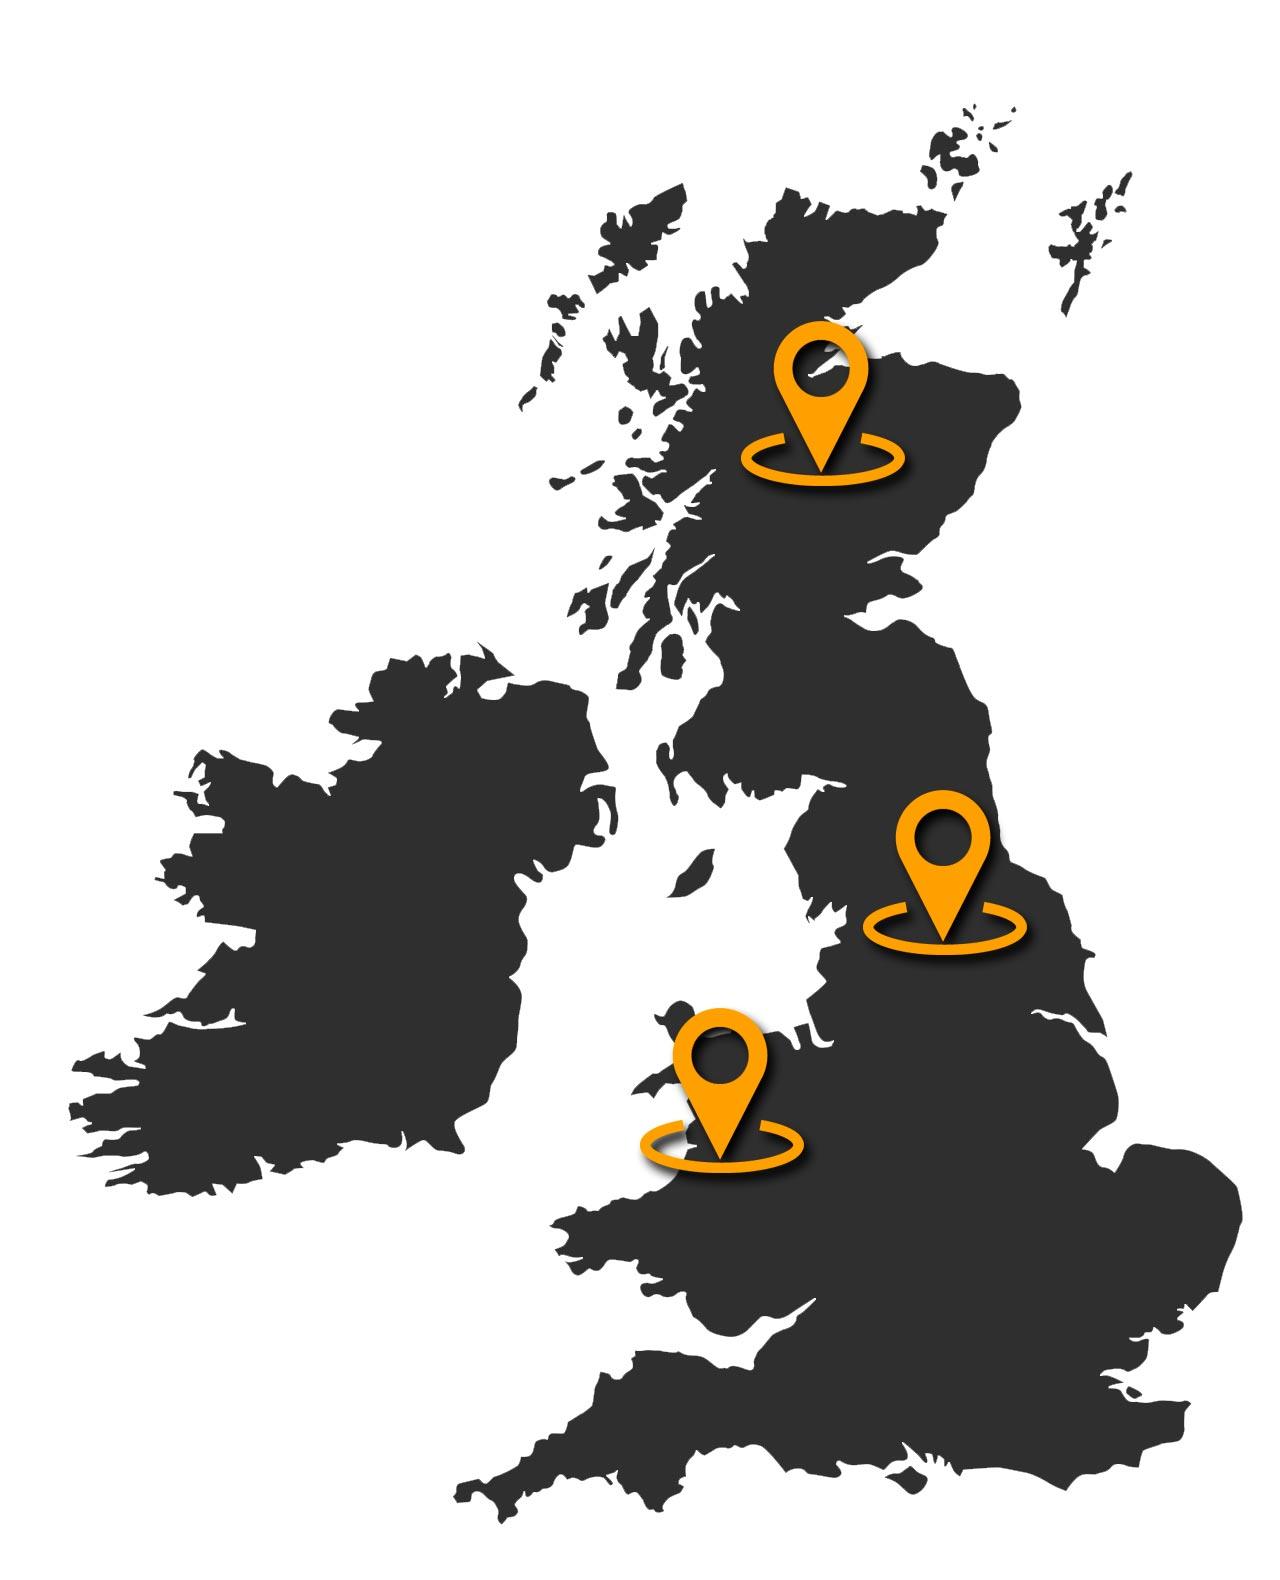 Escocia, Gales e Inglaterra